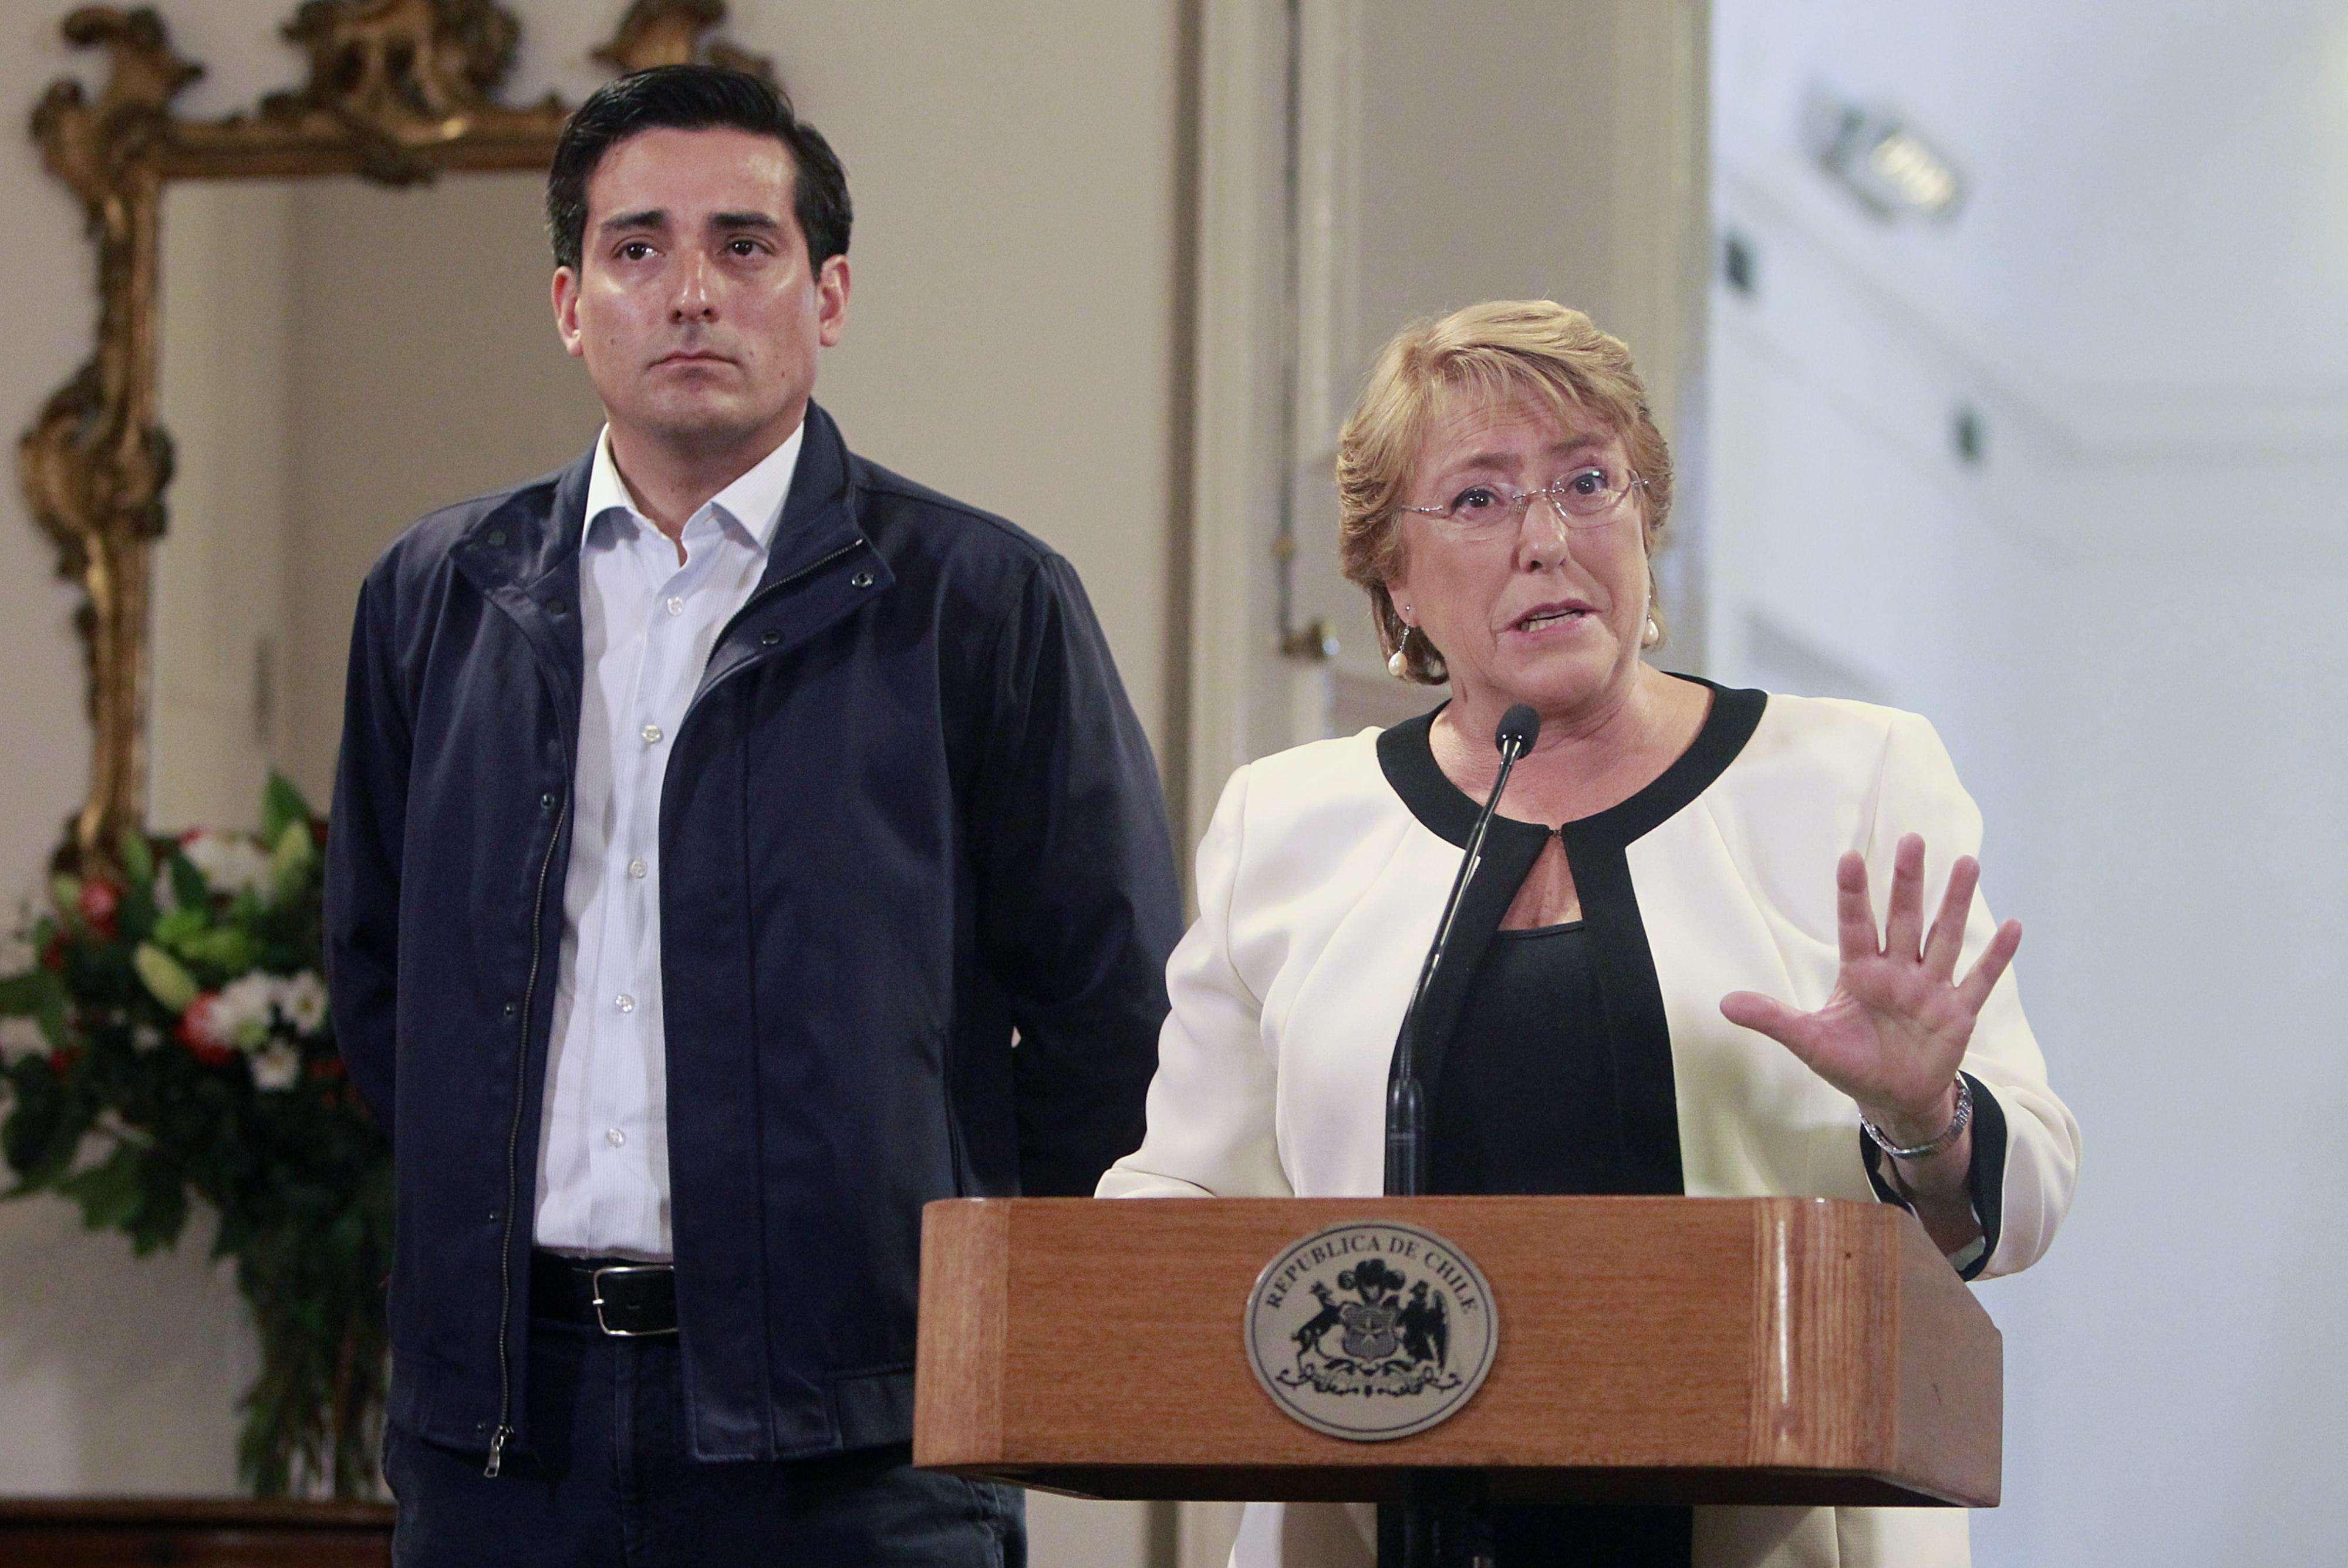 La presidenta de la República, Michelle Bachelet, emite unas palabras sobre las medidas que se estan tomando en plan de emergencia por la Erupción del Volcán Villarrica. Foto: Agencia UNO